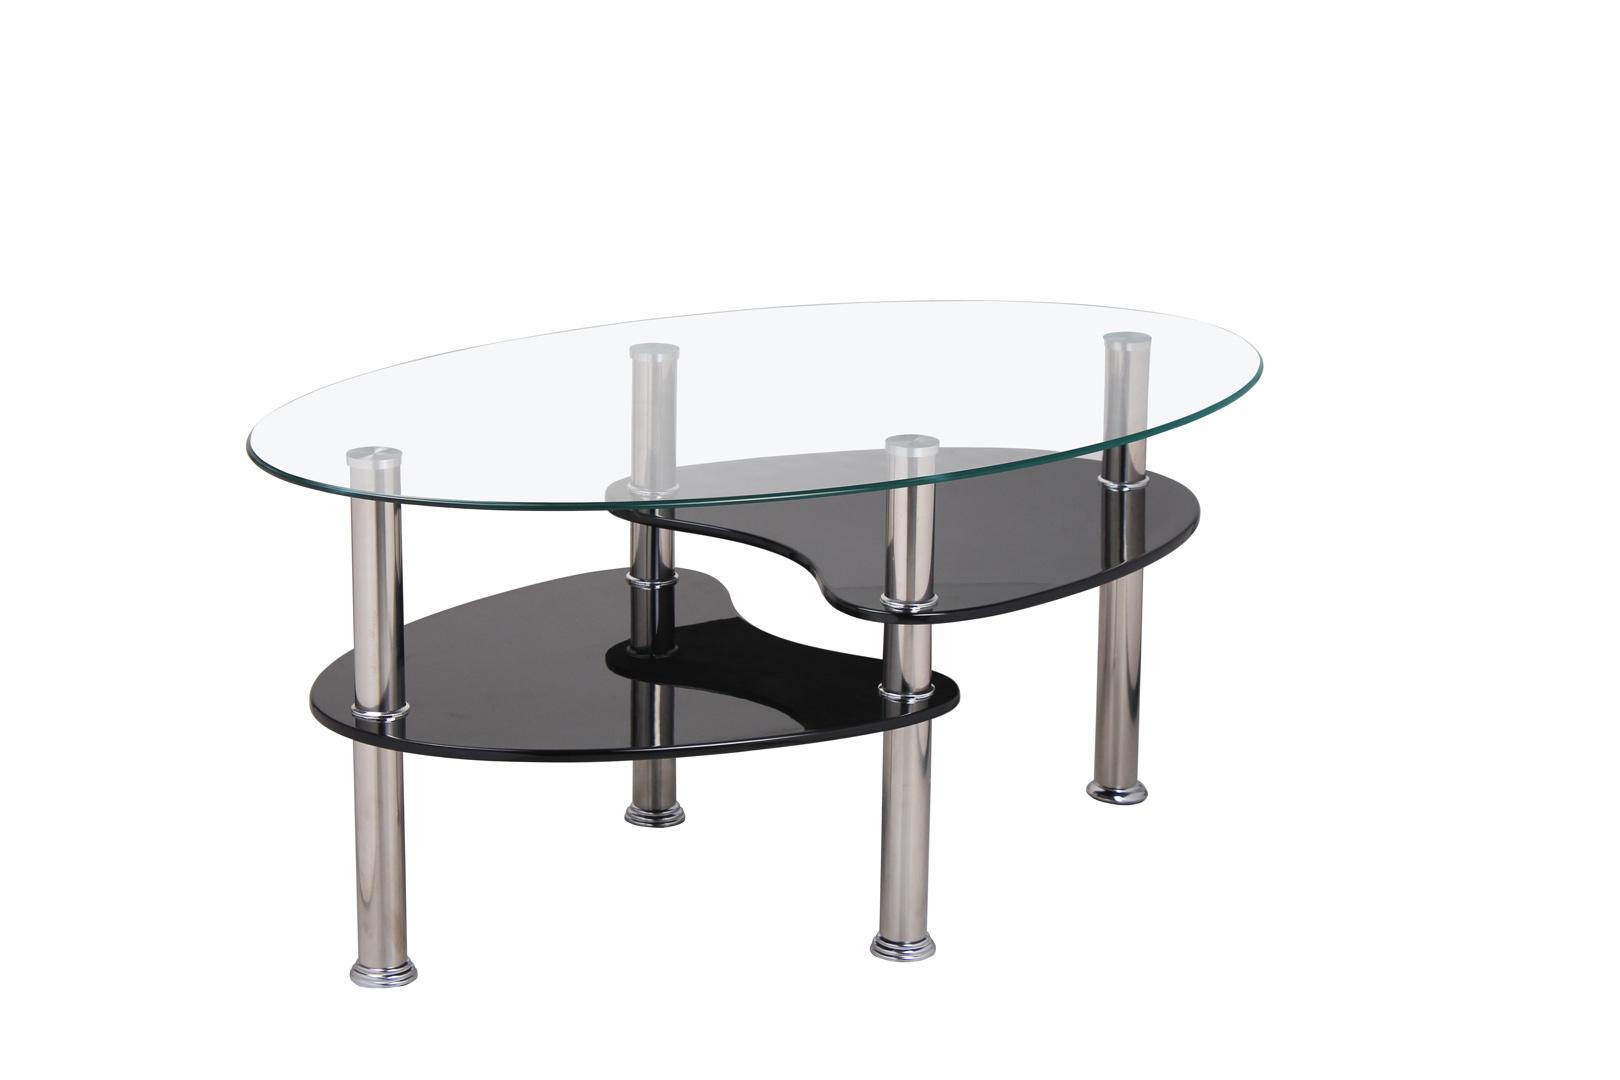 table basse design ovale en verre mdf noir konie